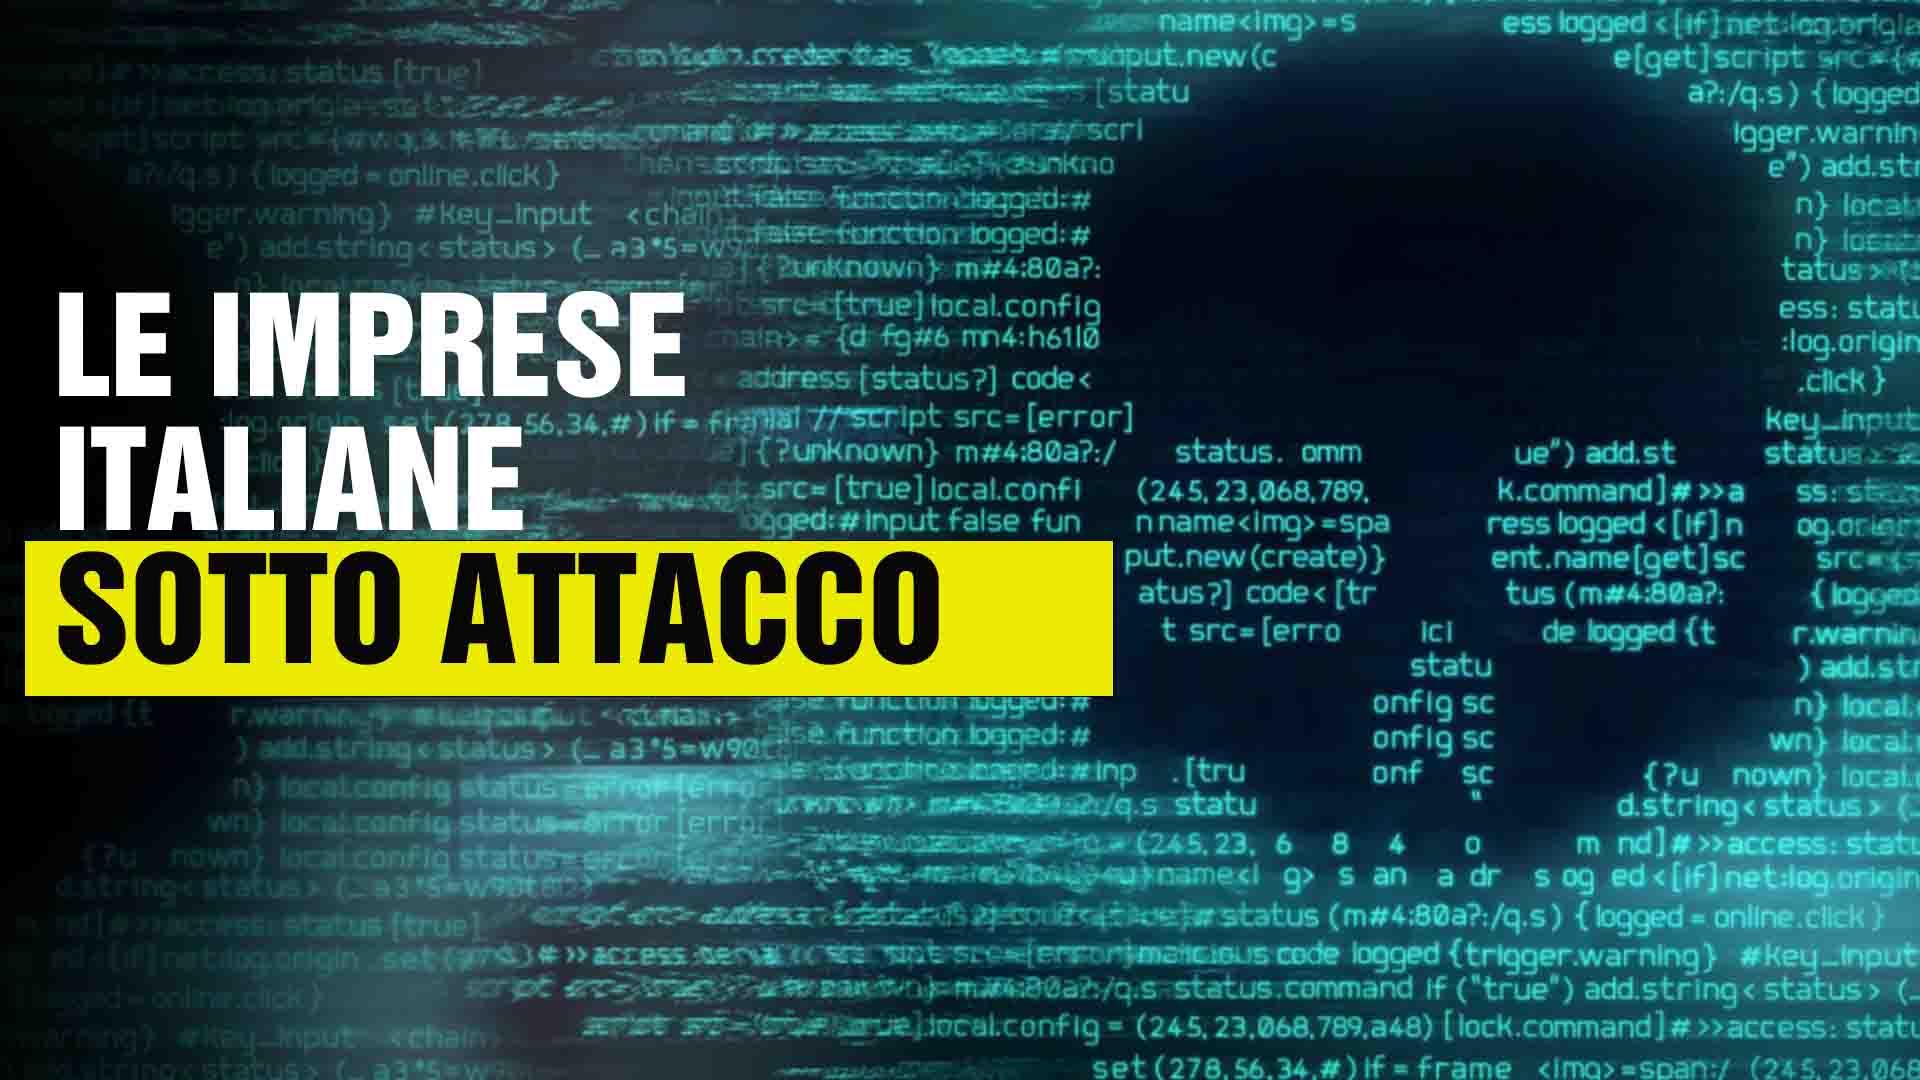 imprese italiane sotto attacco